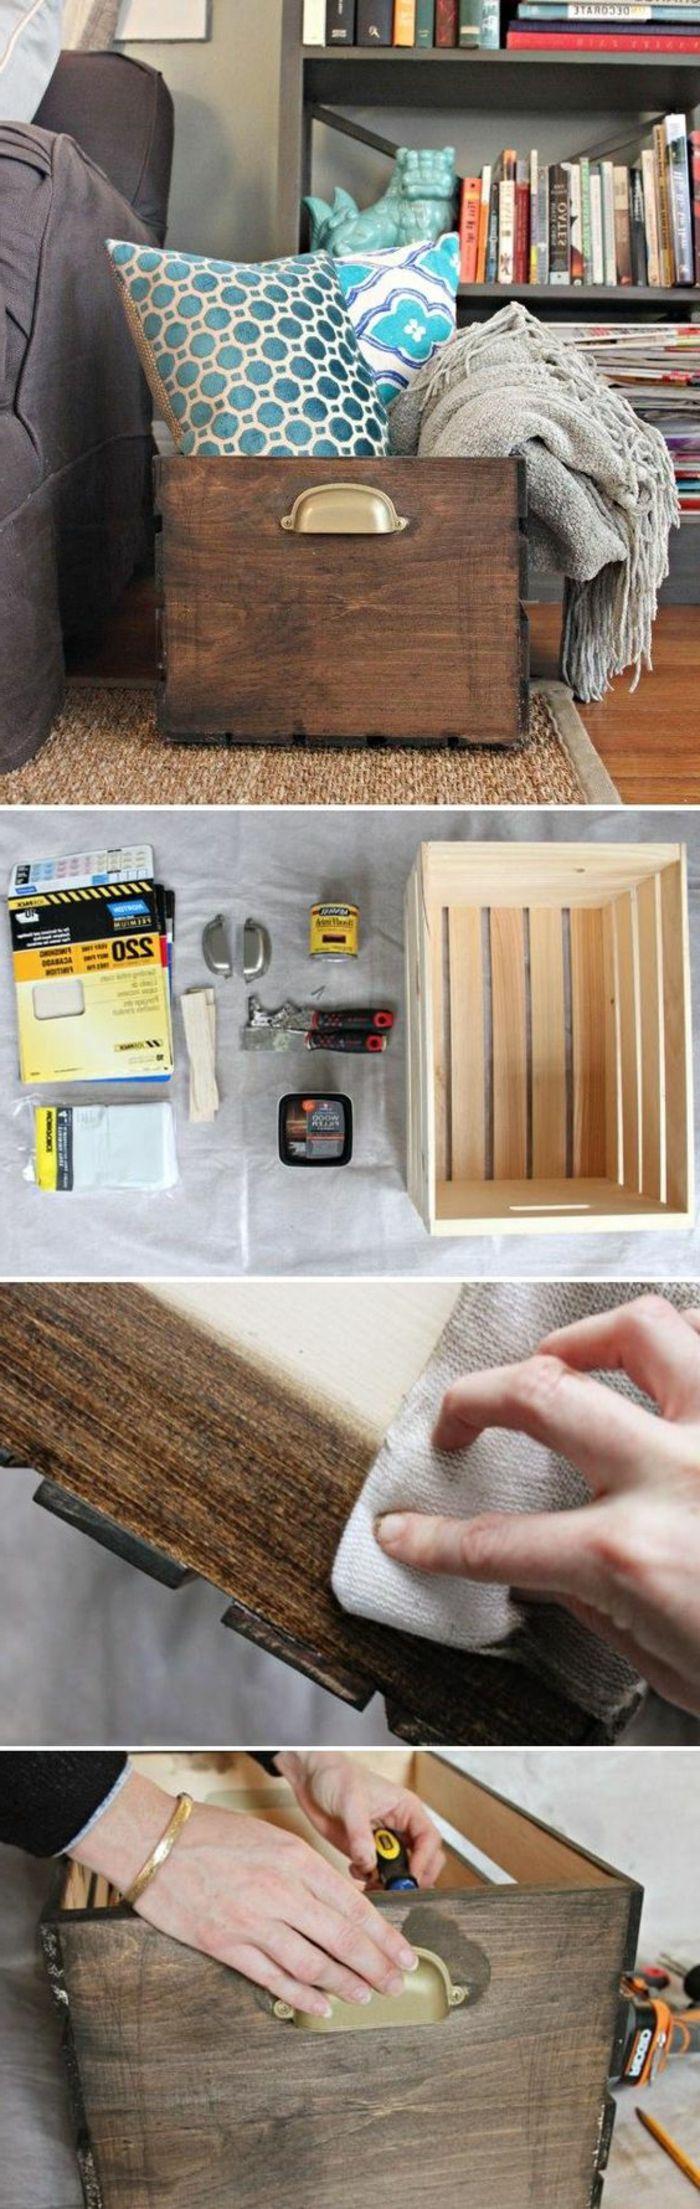 coffre de rangement tutoriel, cagette bois, idée où ranger du linge maison, coussins et couverture de lit grise